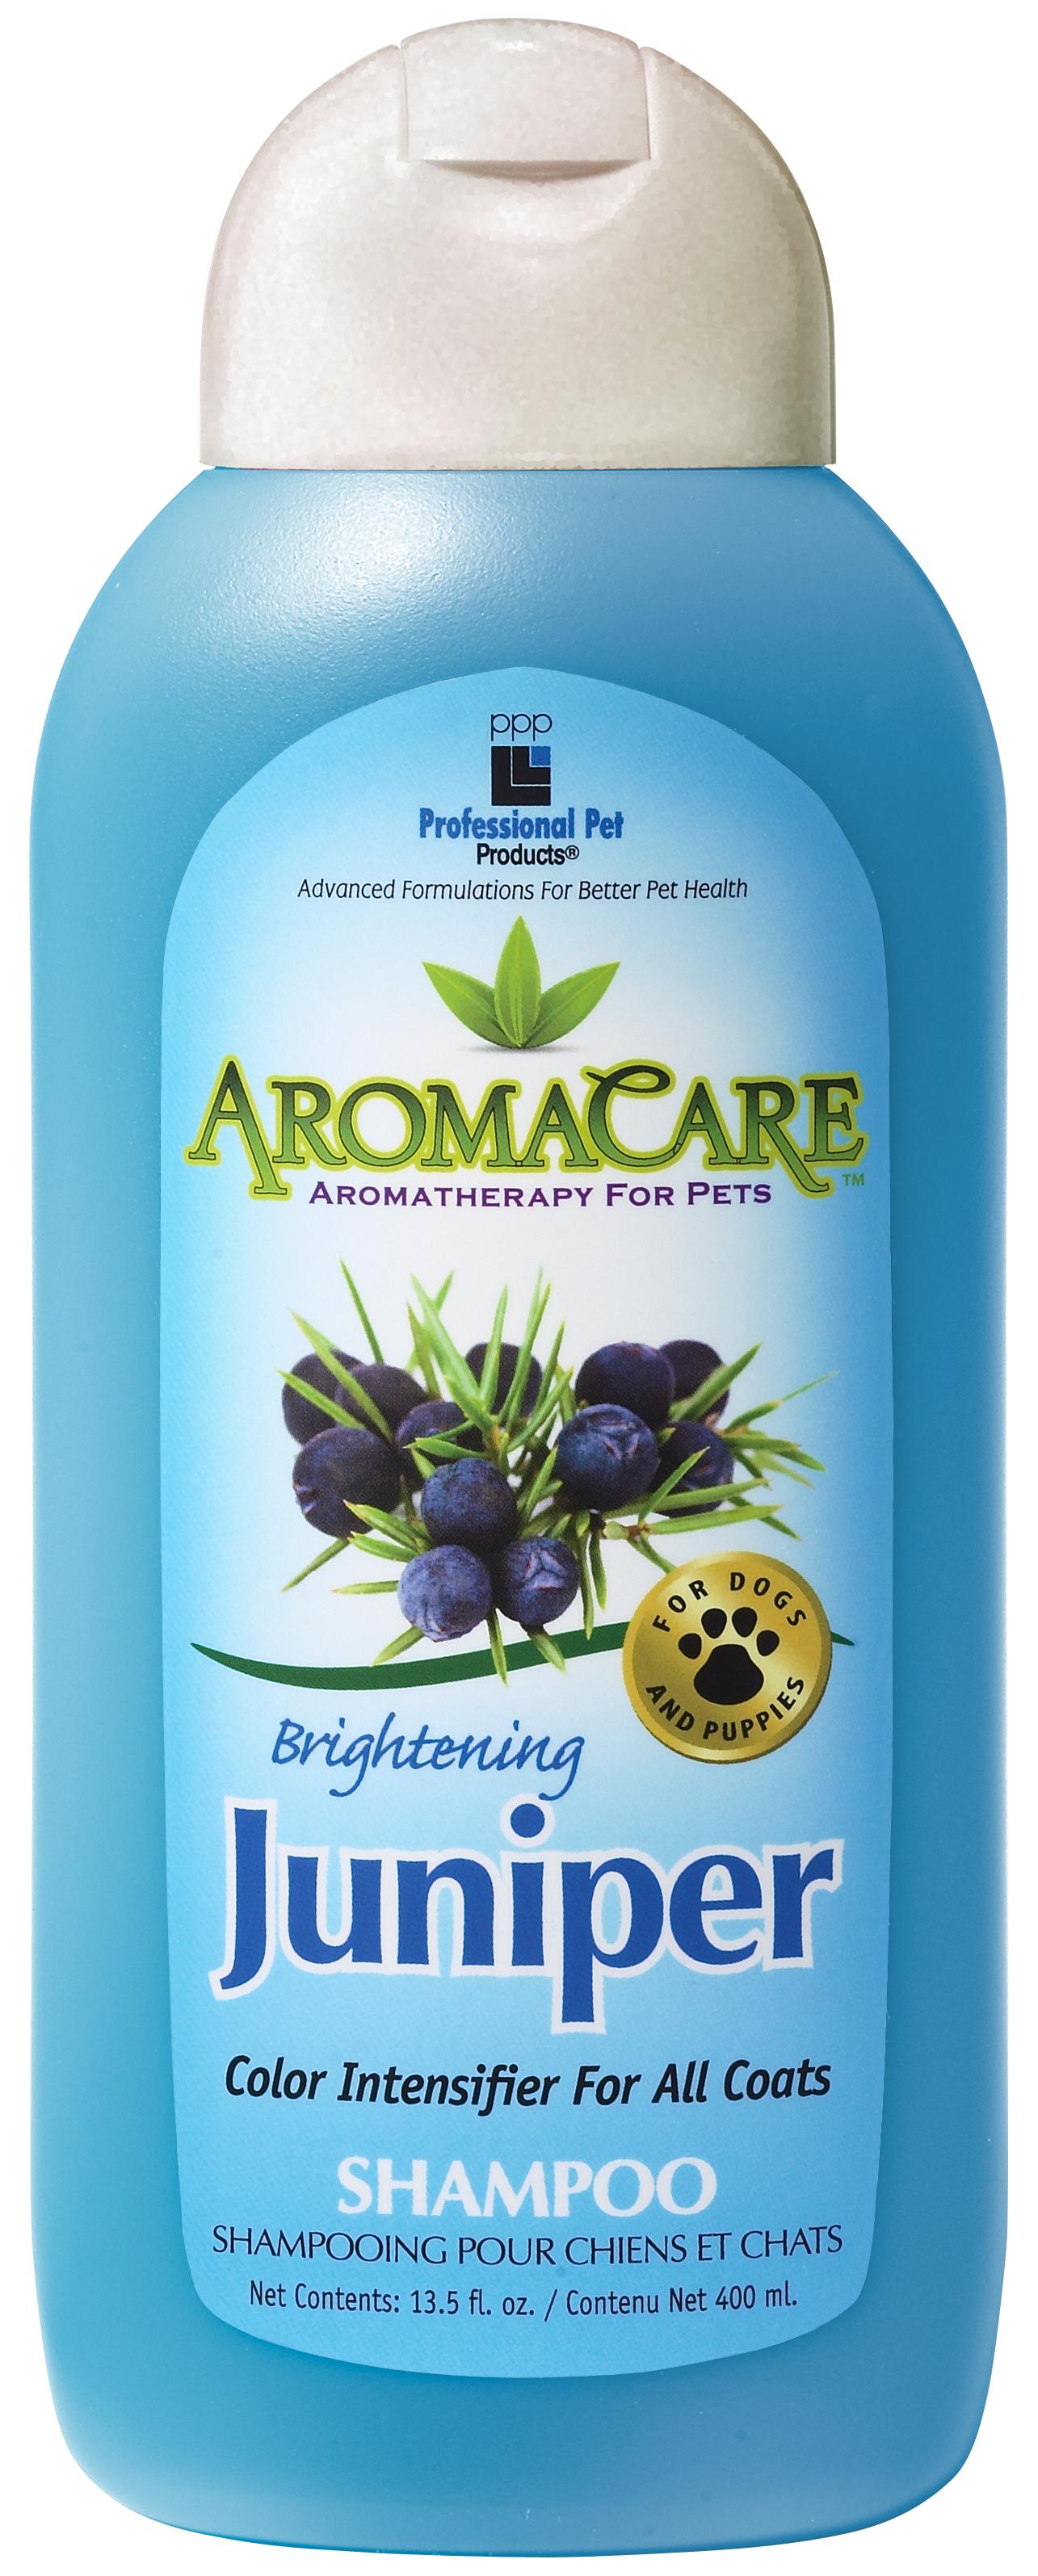 A981 Aromacare Brightening Juniper Shampoo.jpg